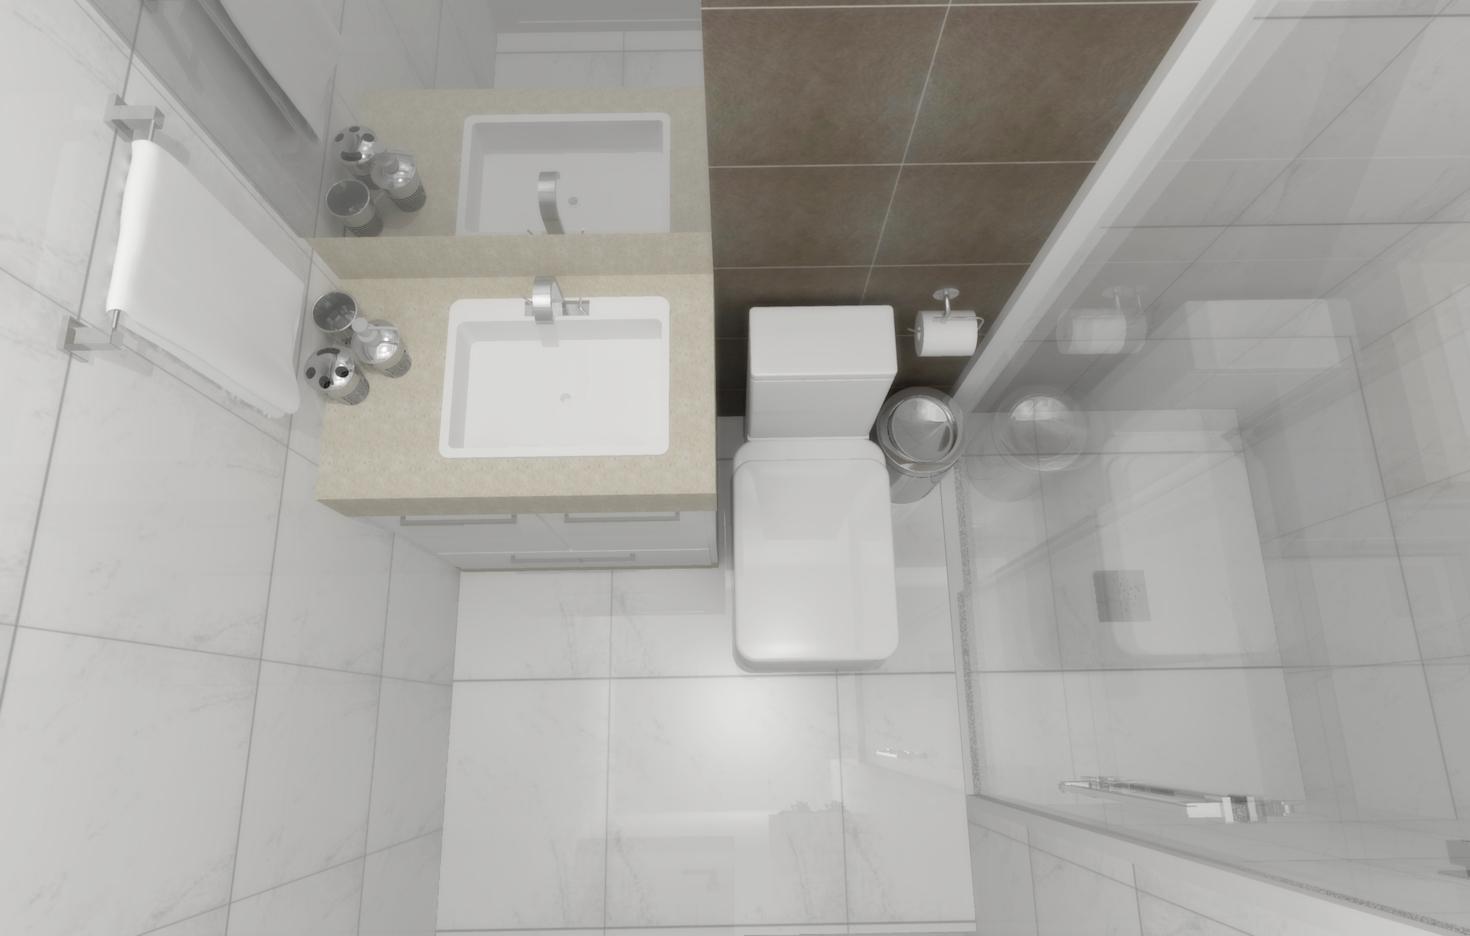 Banheiros Pequenos planejados: Sugestões modelos #595146 1470x936 Banheira Para Banheiro De Apartamento